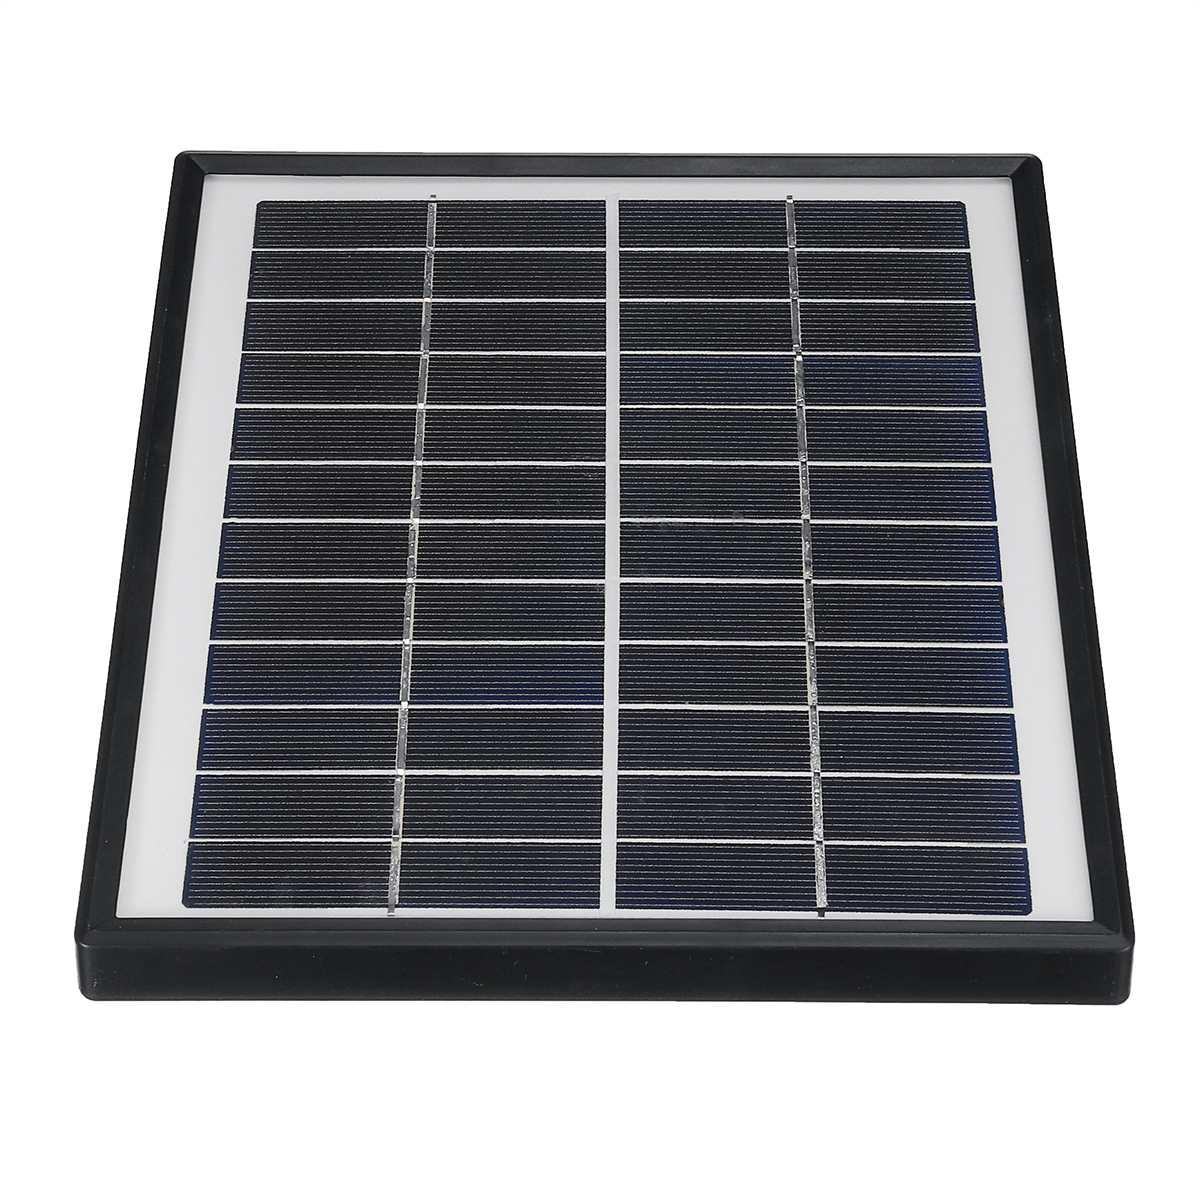 400L/H جديد نافورة شمسية نافورة الماء الشمسية حديقة بركة بركة لوحة شمسية في الهواء الطلق نافورة قاعدة عوامة حديقة الديكور